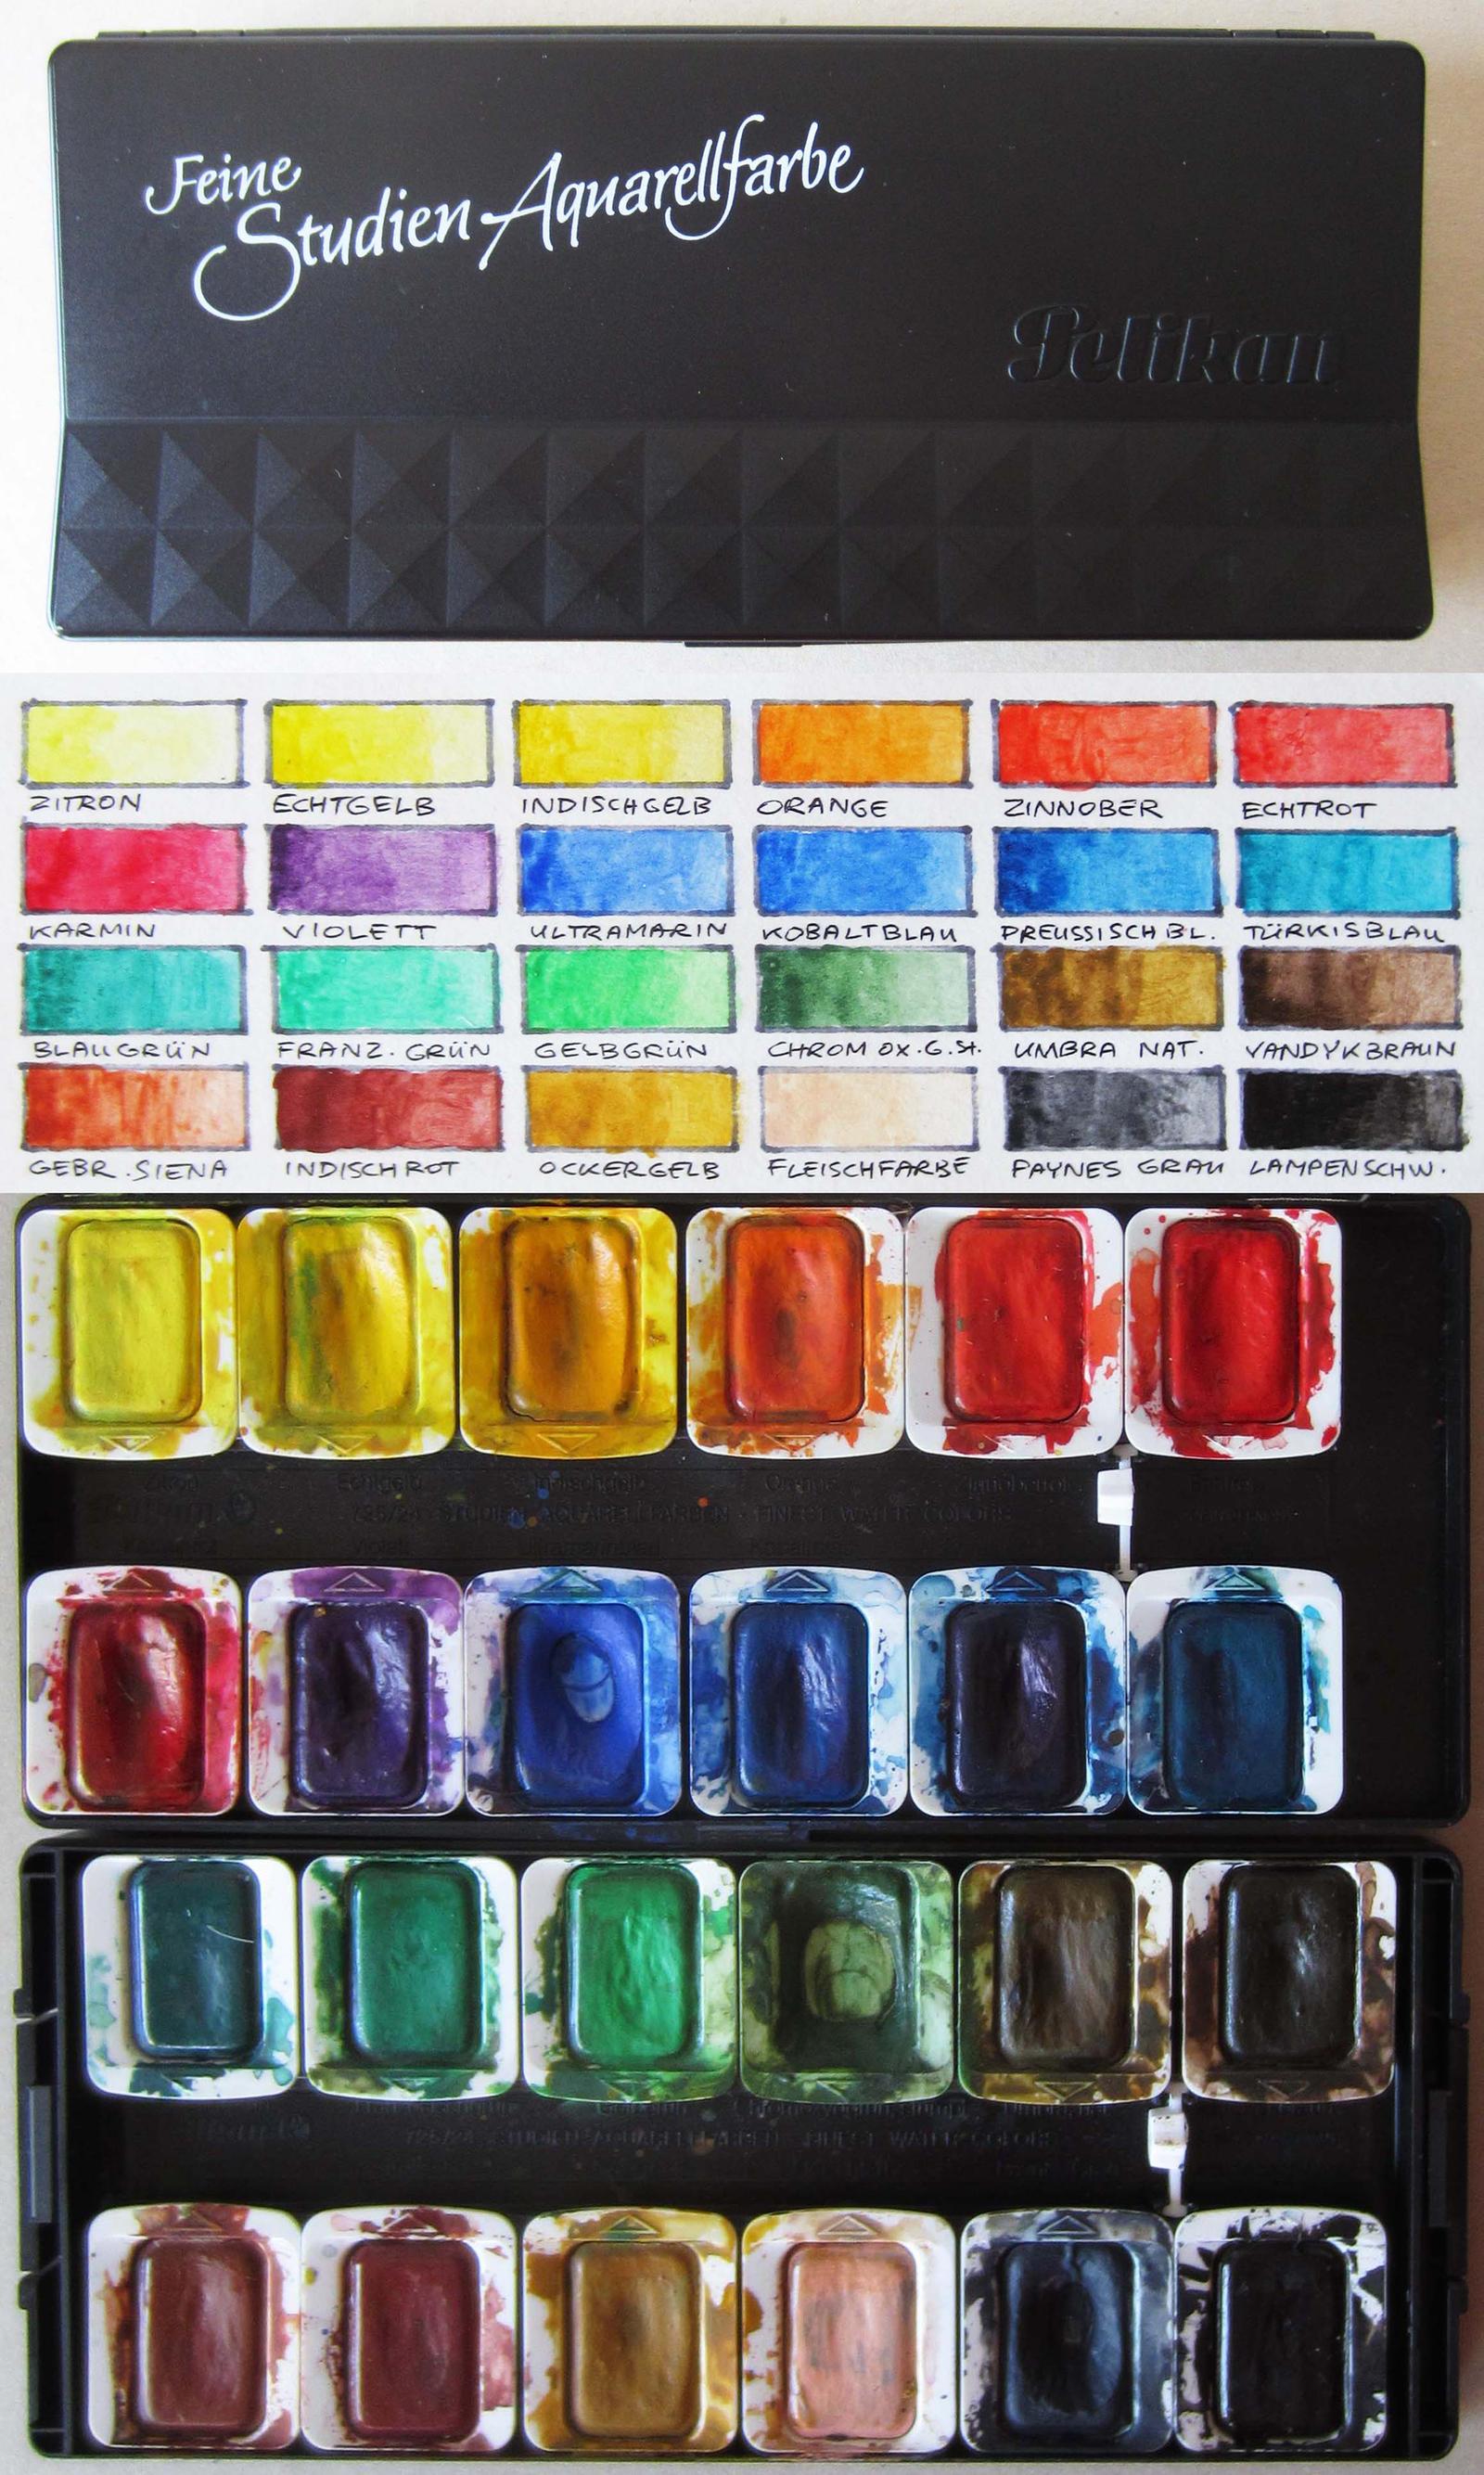 Pelikan Feine Studien Aquarellfarbe by pesim65